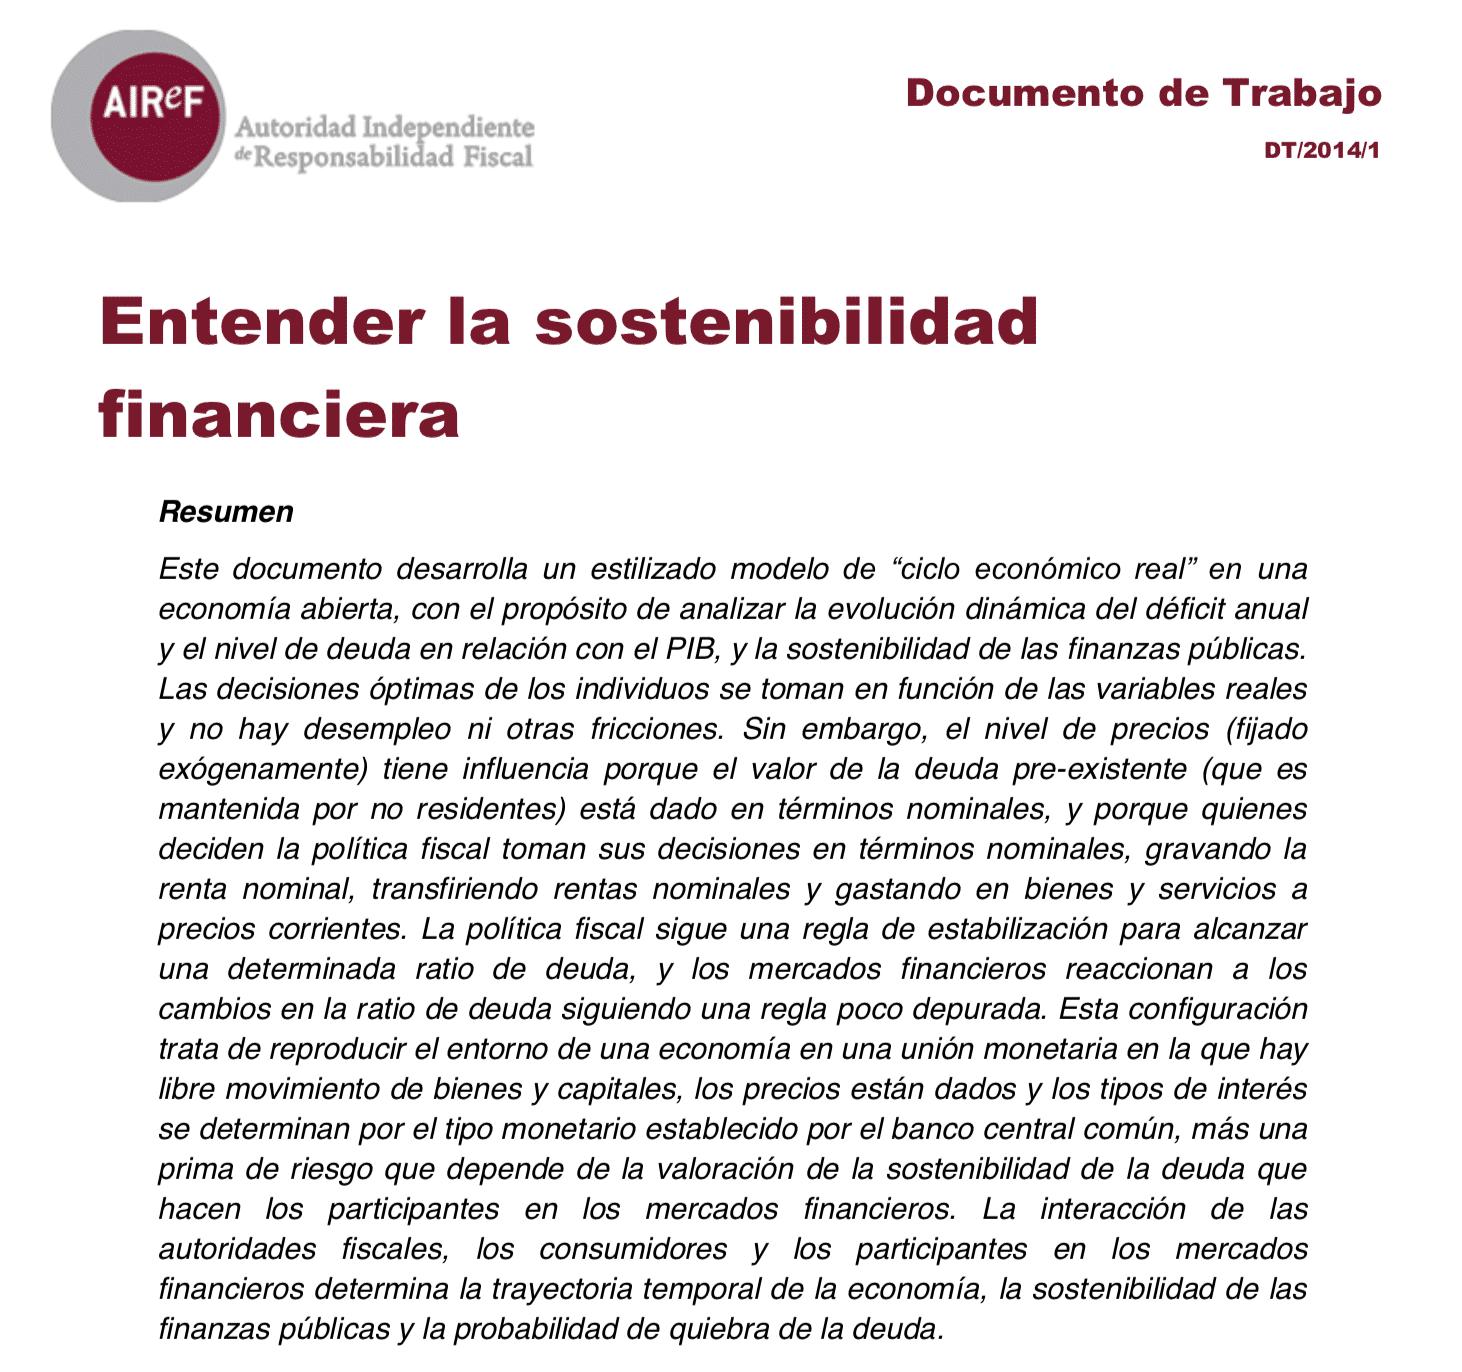 Entender la sostenibilidad financiera